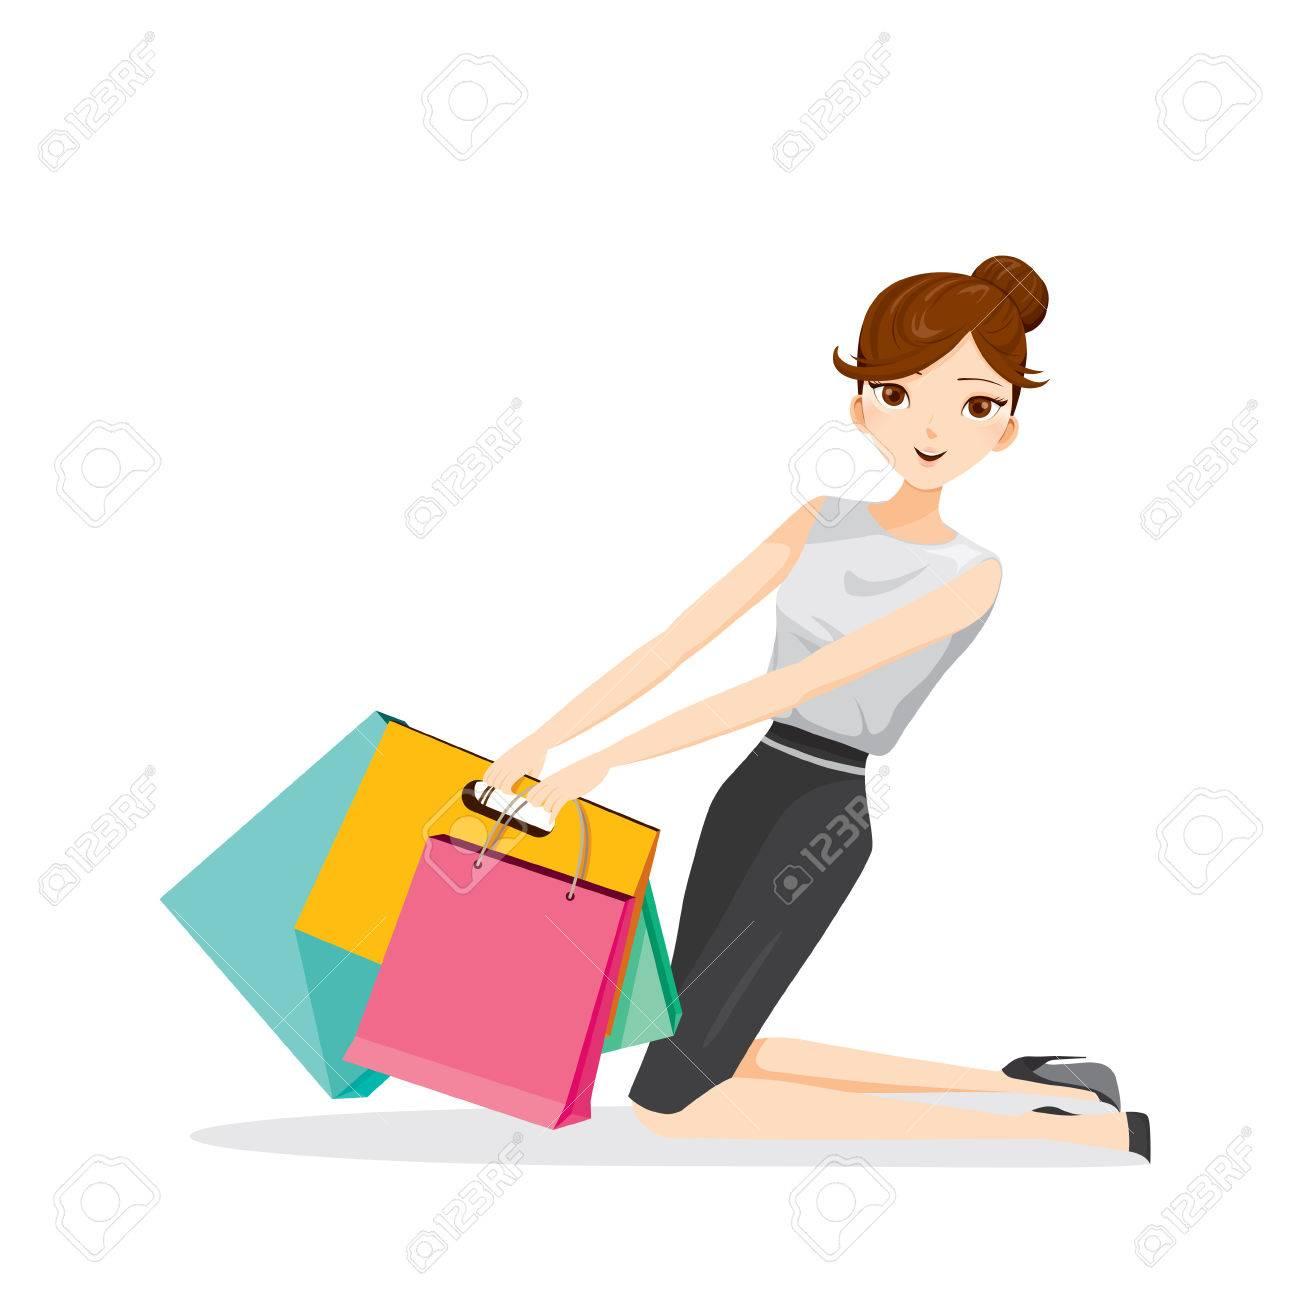 Colgante de la mujer bolsas de la compra en su brazo, mercancías, alimentos, bebidas, belleza, estilo de vida